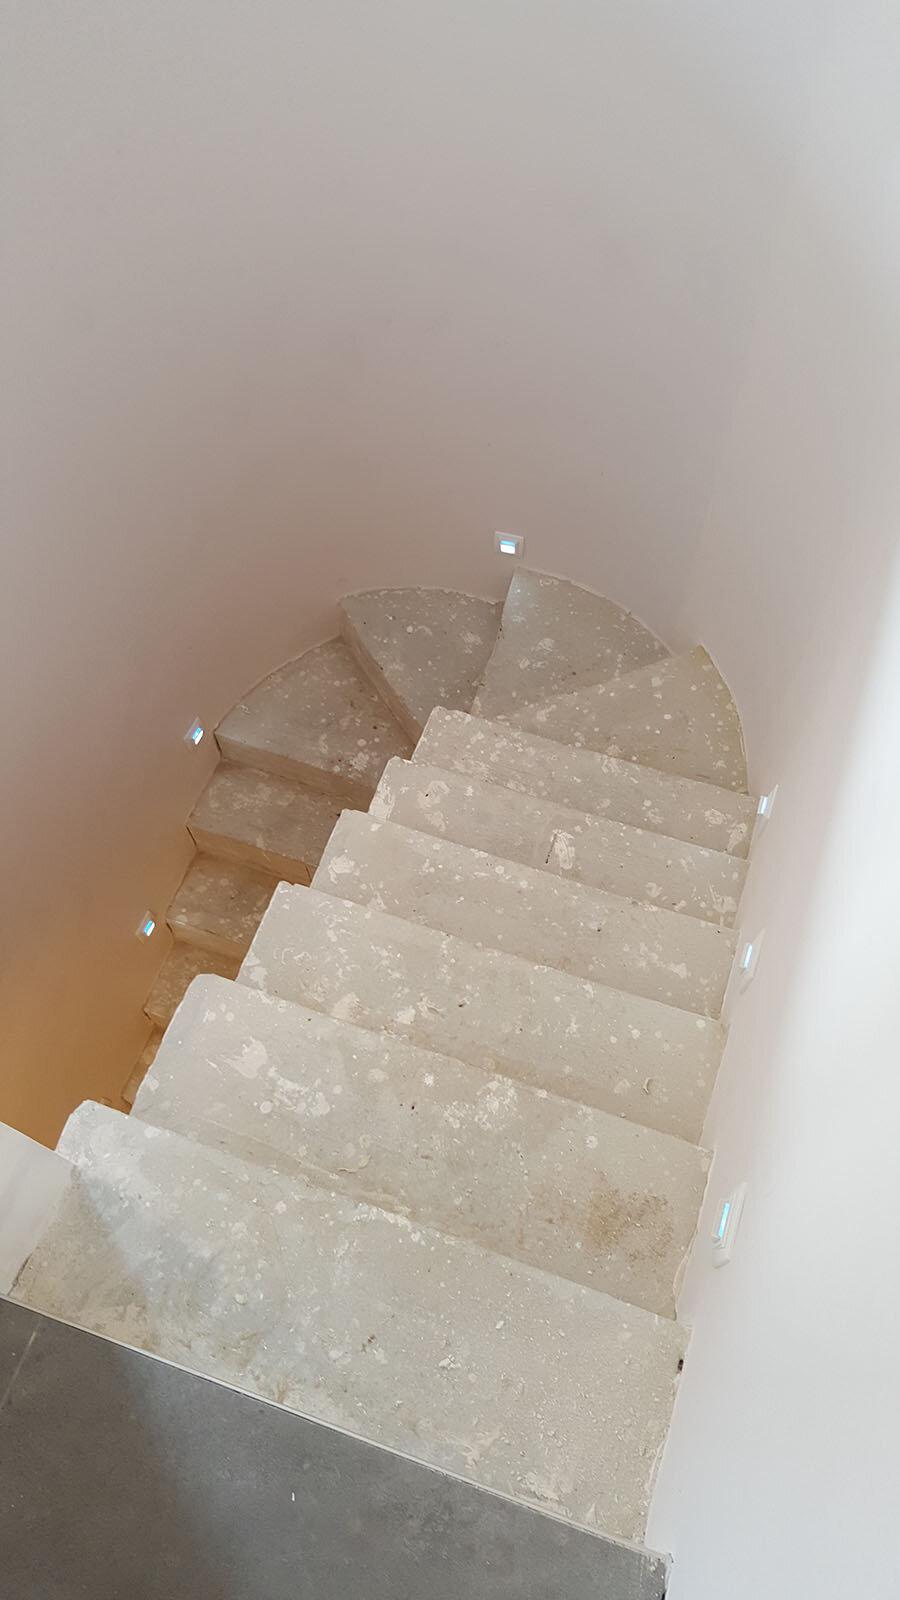 Fotografía durante la obra: Se rediseñó la escalera y se replantearon los escalones desde cero.